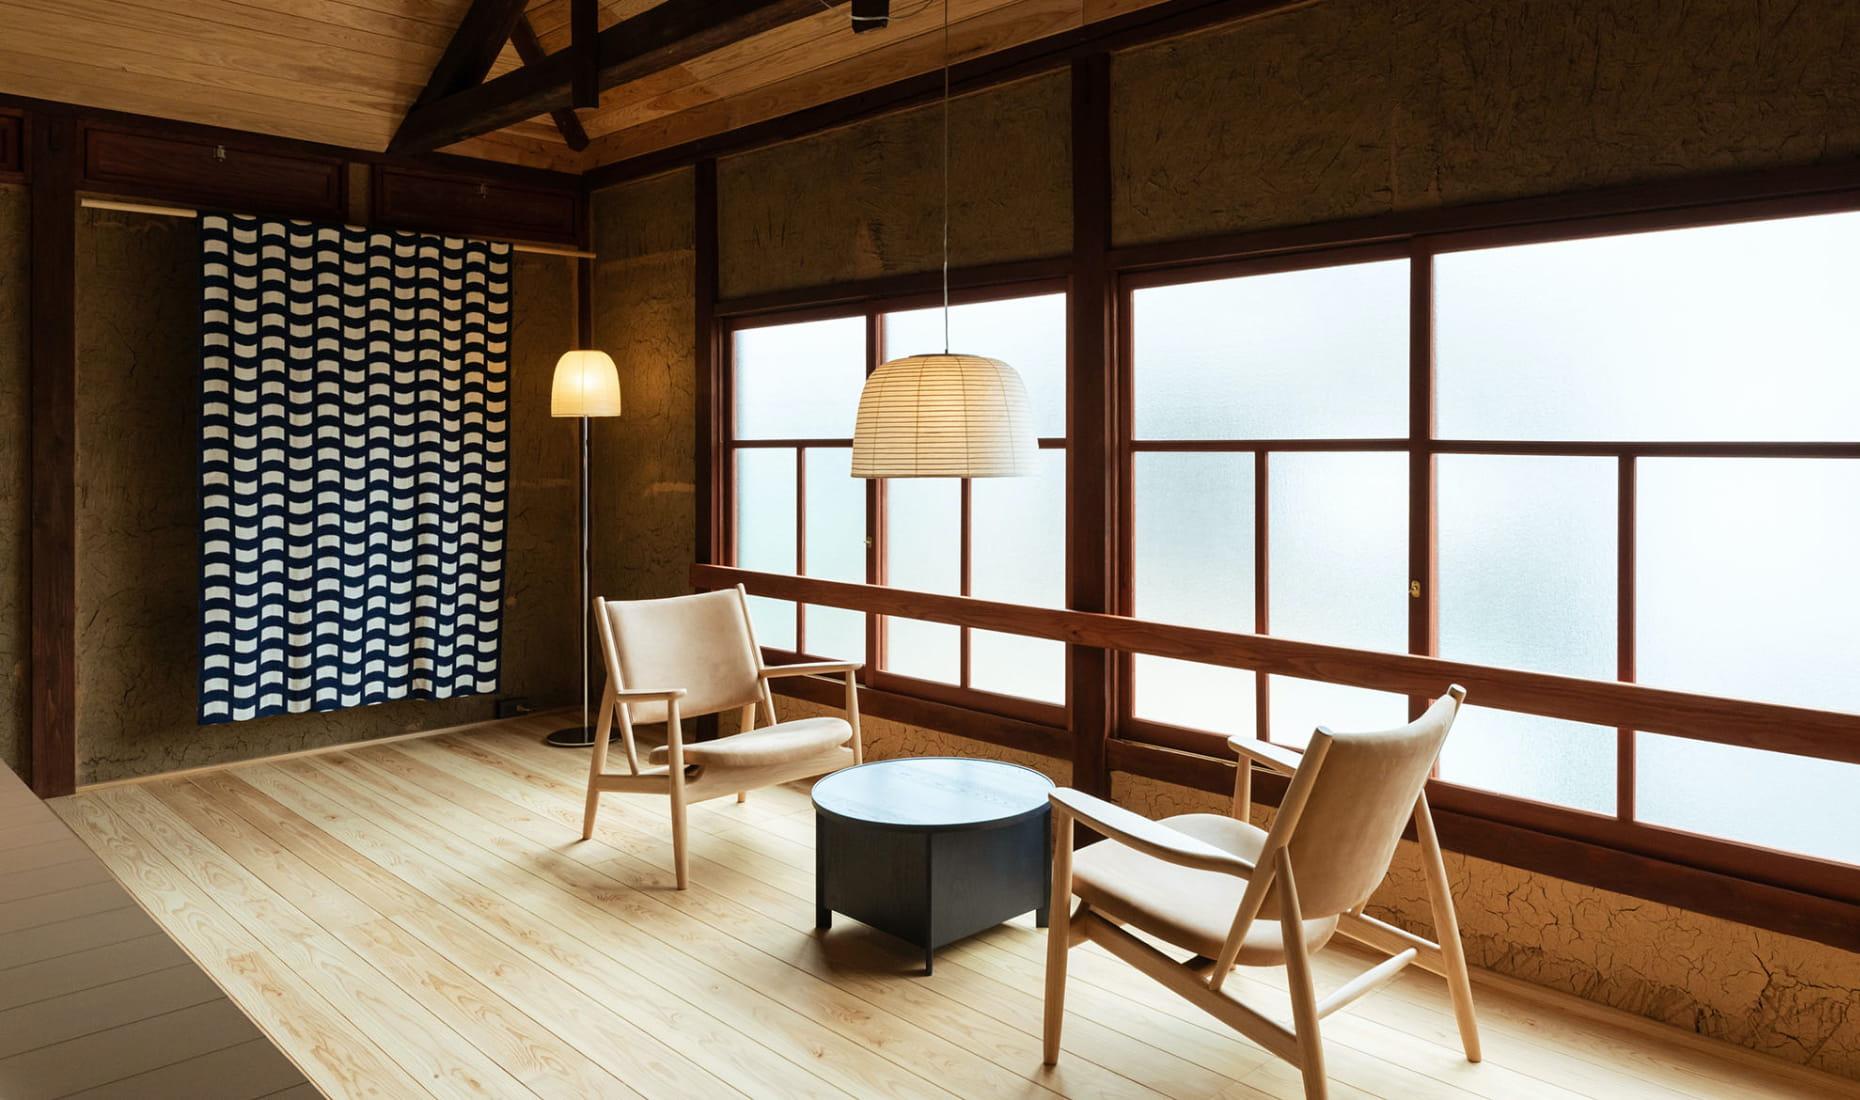 藍の部屋のイメージ写真